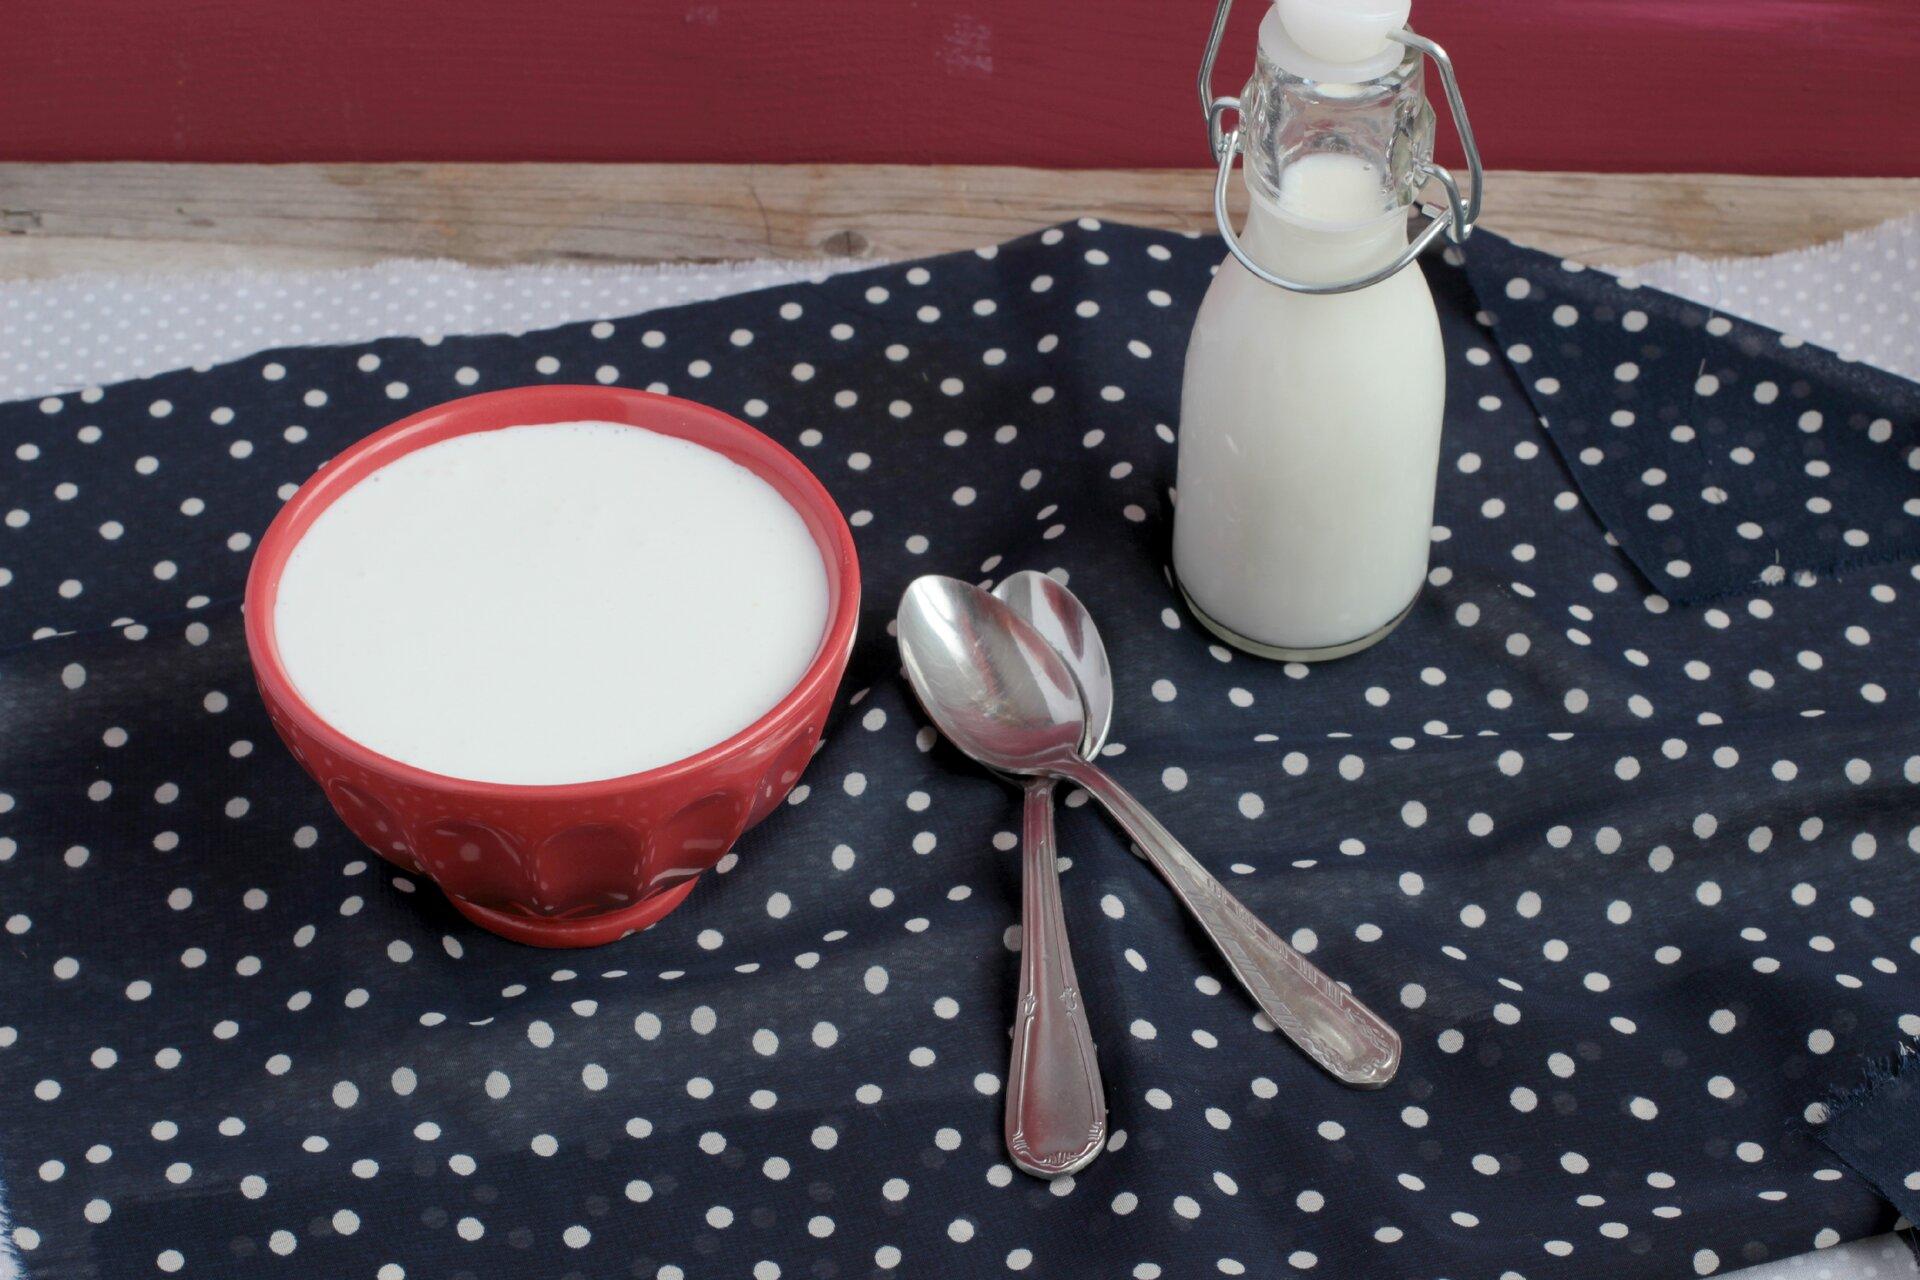 Panna da cucina fatta in casa preparazione agrodolce - Panna da cucina ...